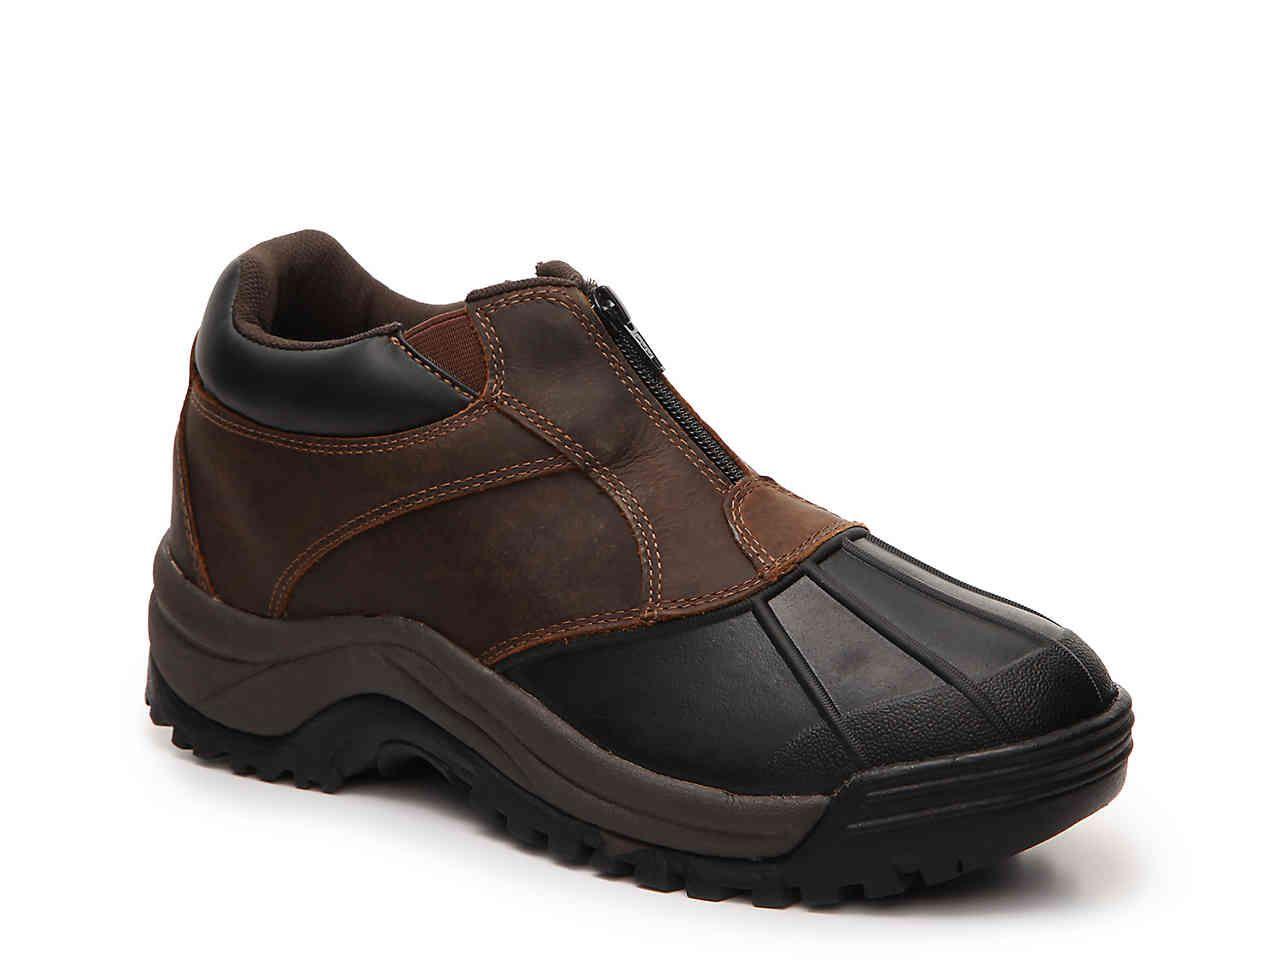 Fairbanks Ankle Zip Snow Boot